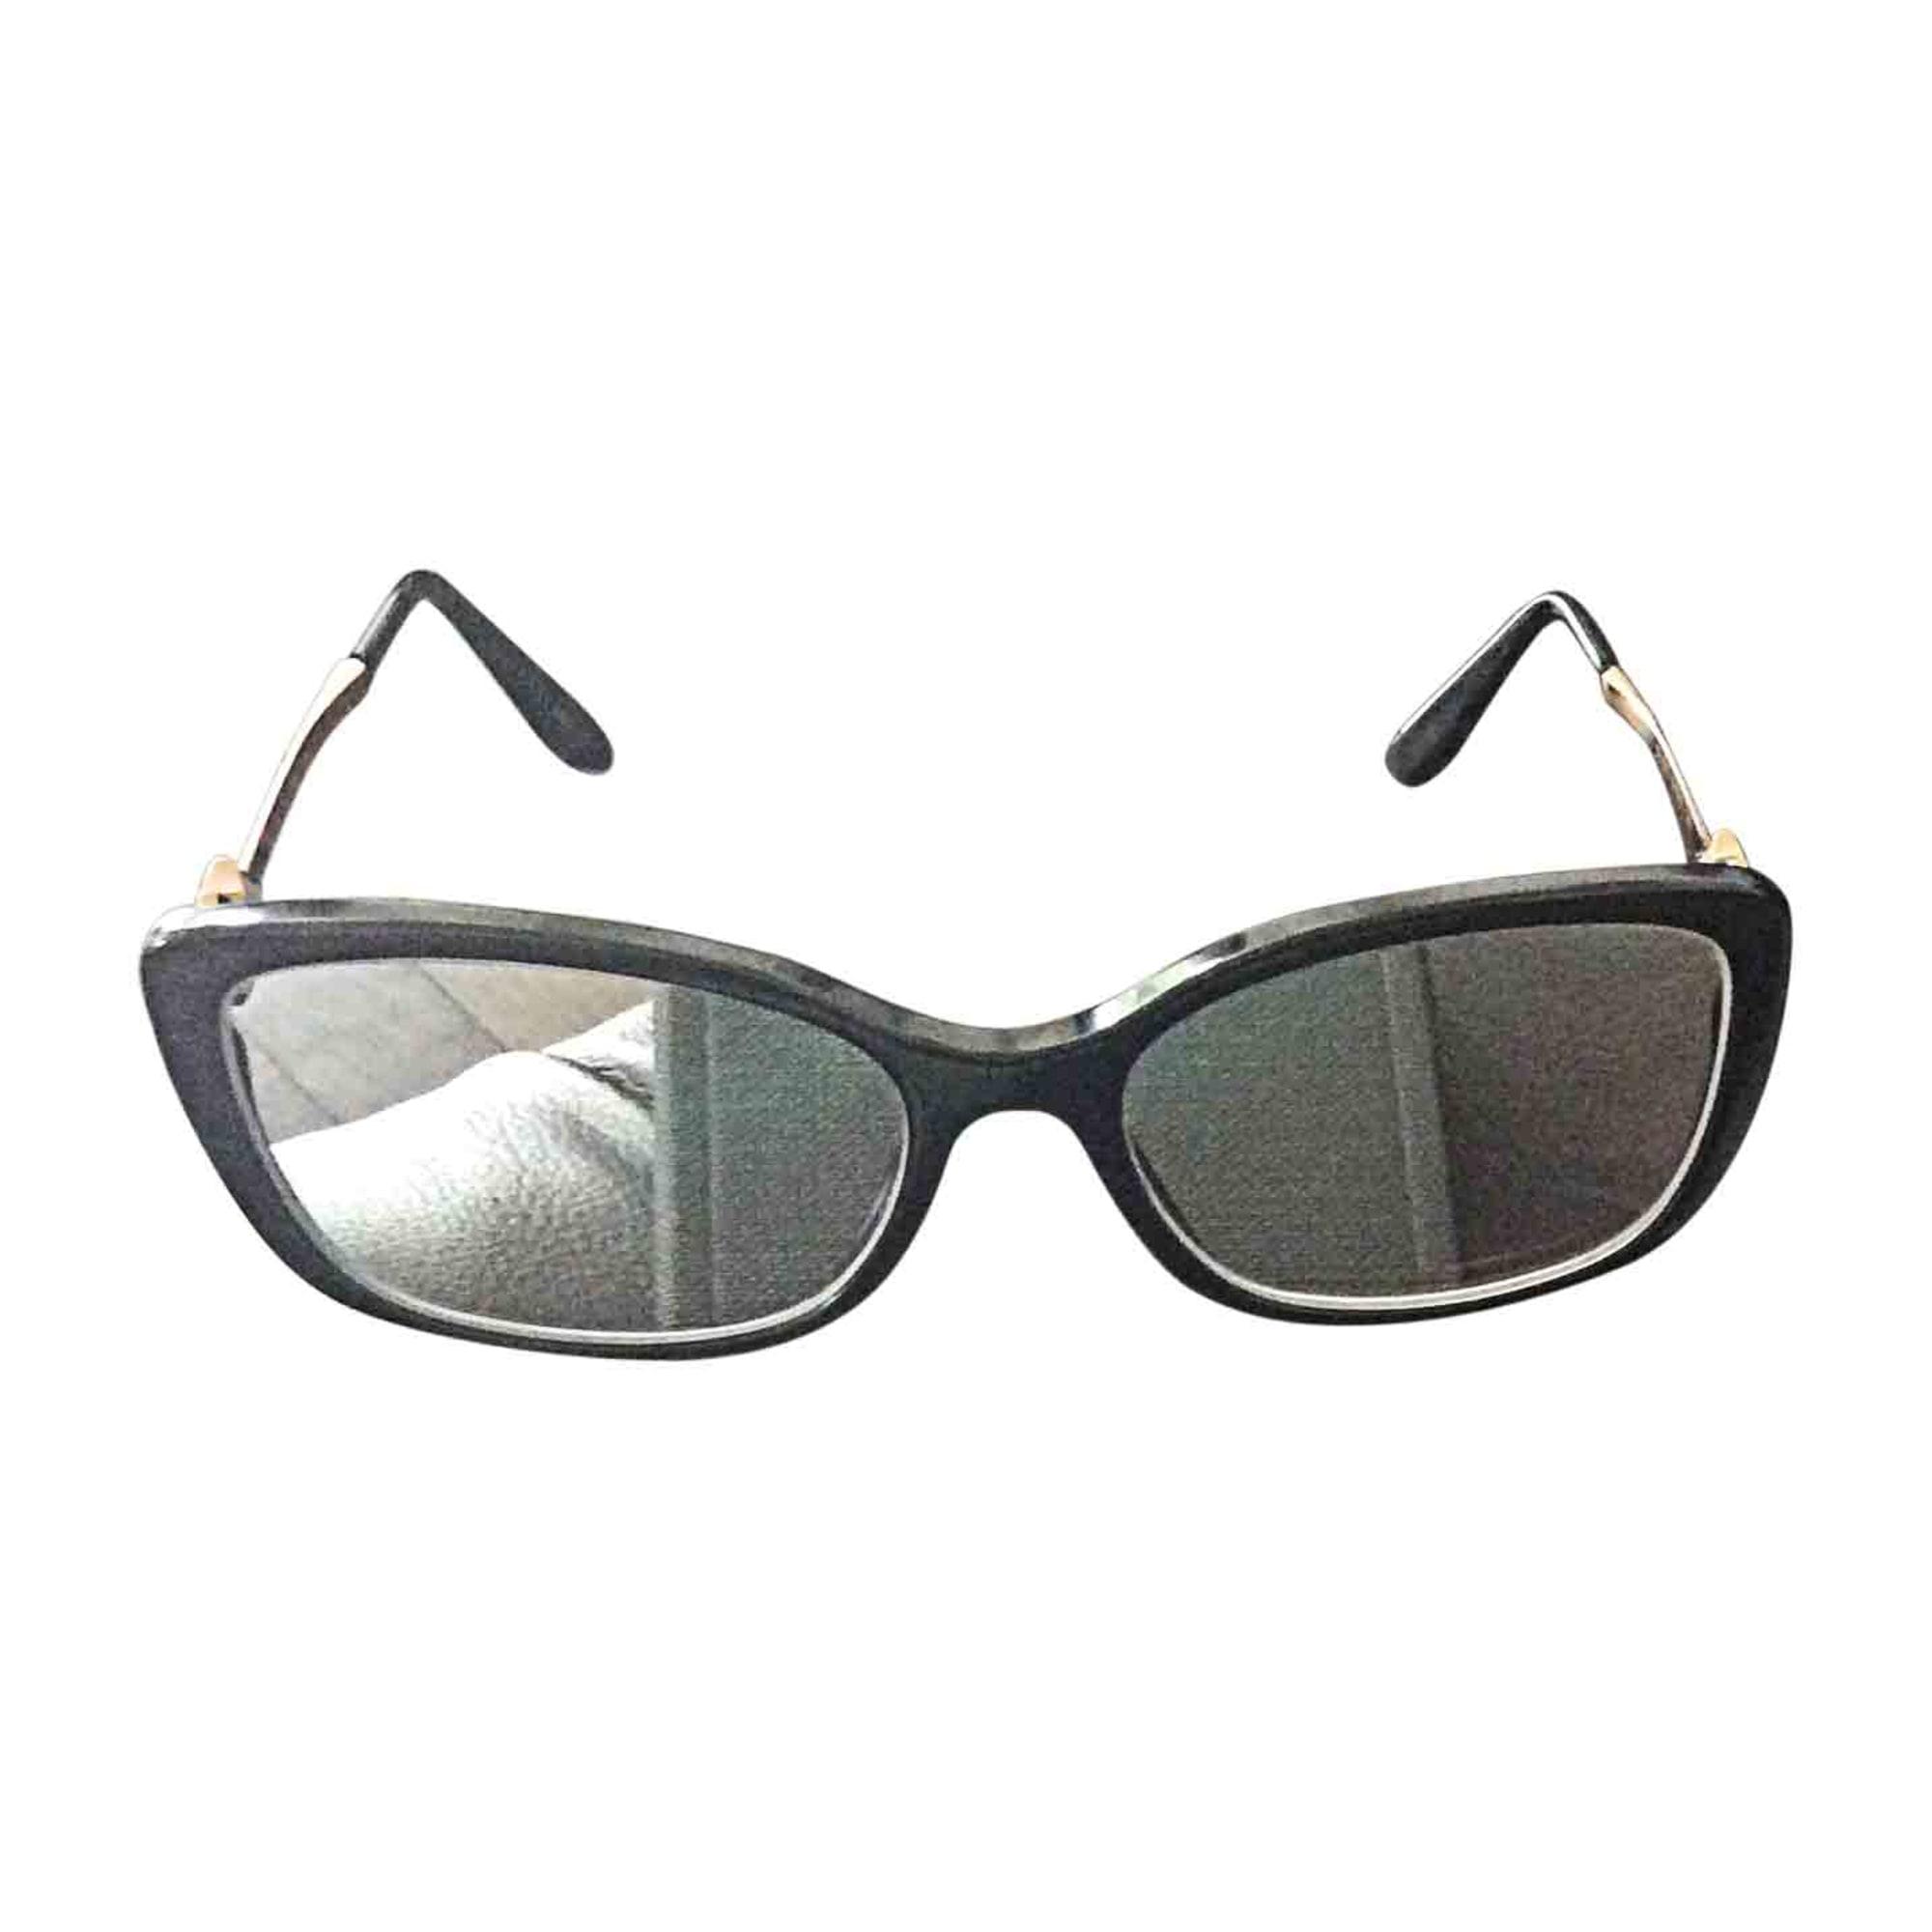 84dc7be87c8f Monture de lunettes BULGARI noir vendu par Nathou60 - 6428970